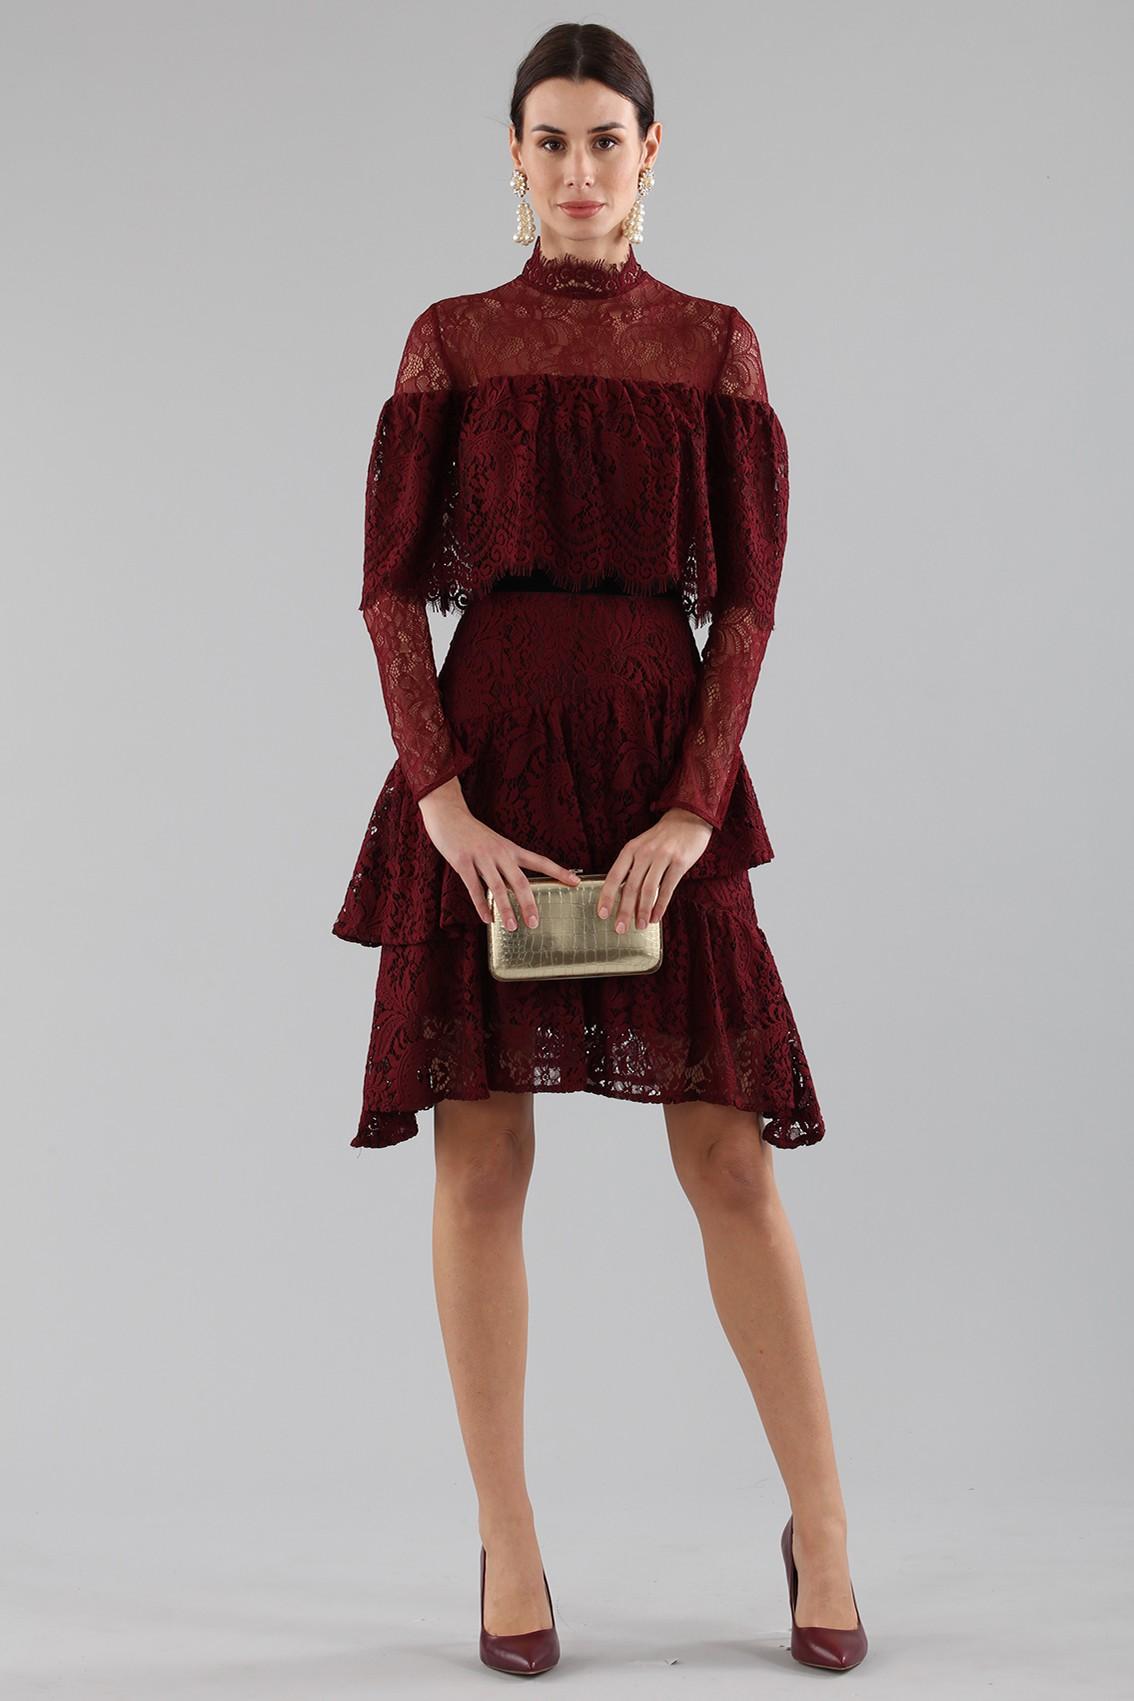 fe67a74699e1 Acquista un abito Perseverance - Abito corto burgundy con balze e ...